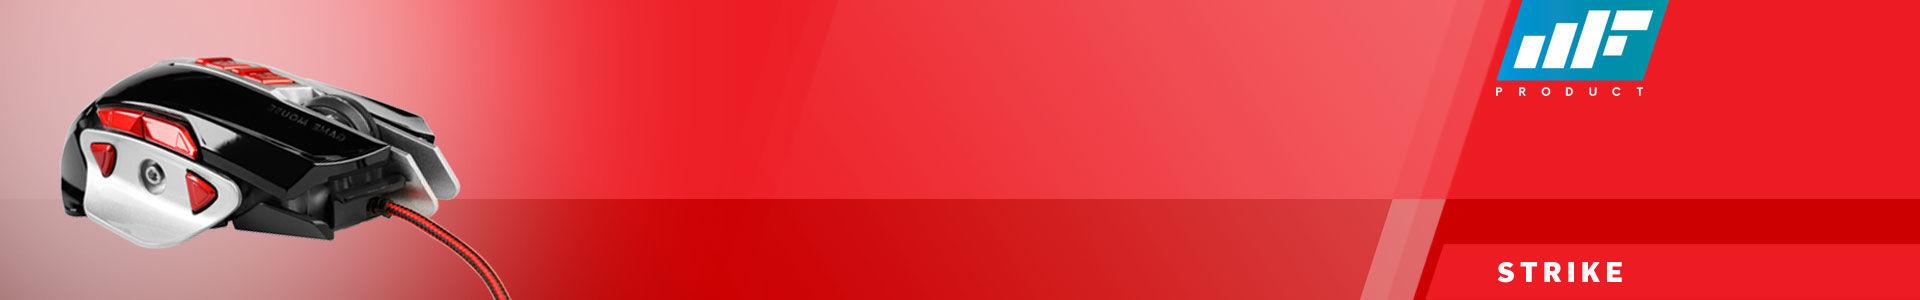 MF Product Strike 0121 Gaming Mouse Siyah - Kırmızı işte aradığın ürün!